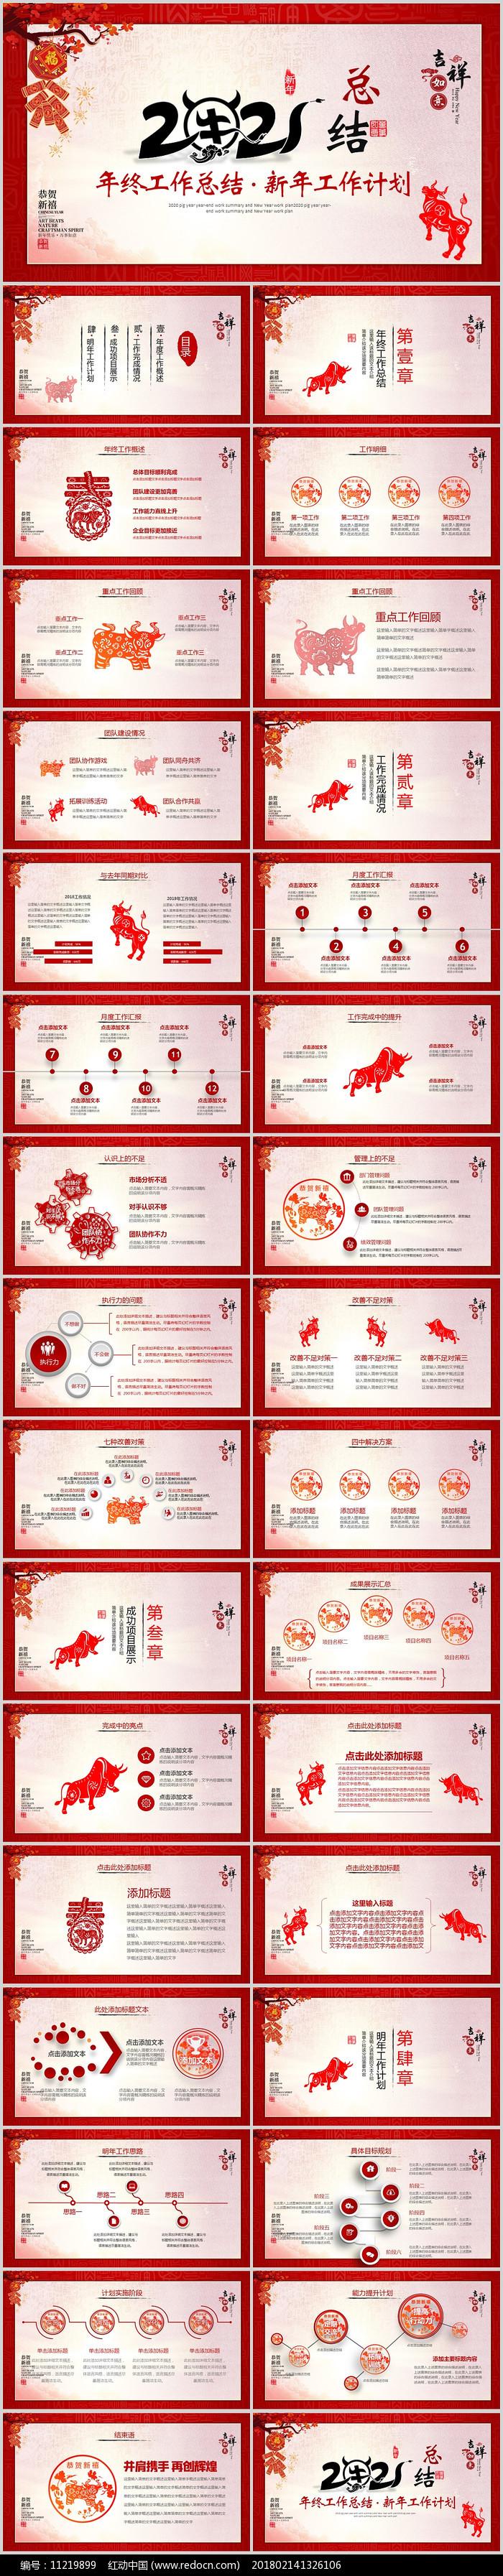 中国风2021年牛年终工作总结PPT模版图片